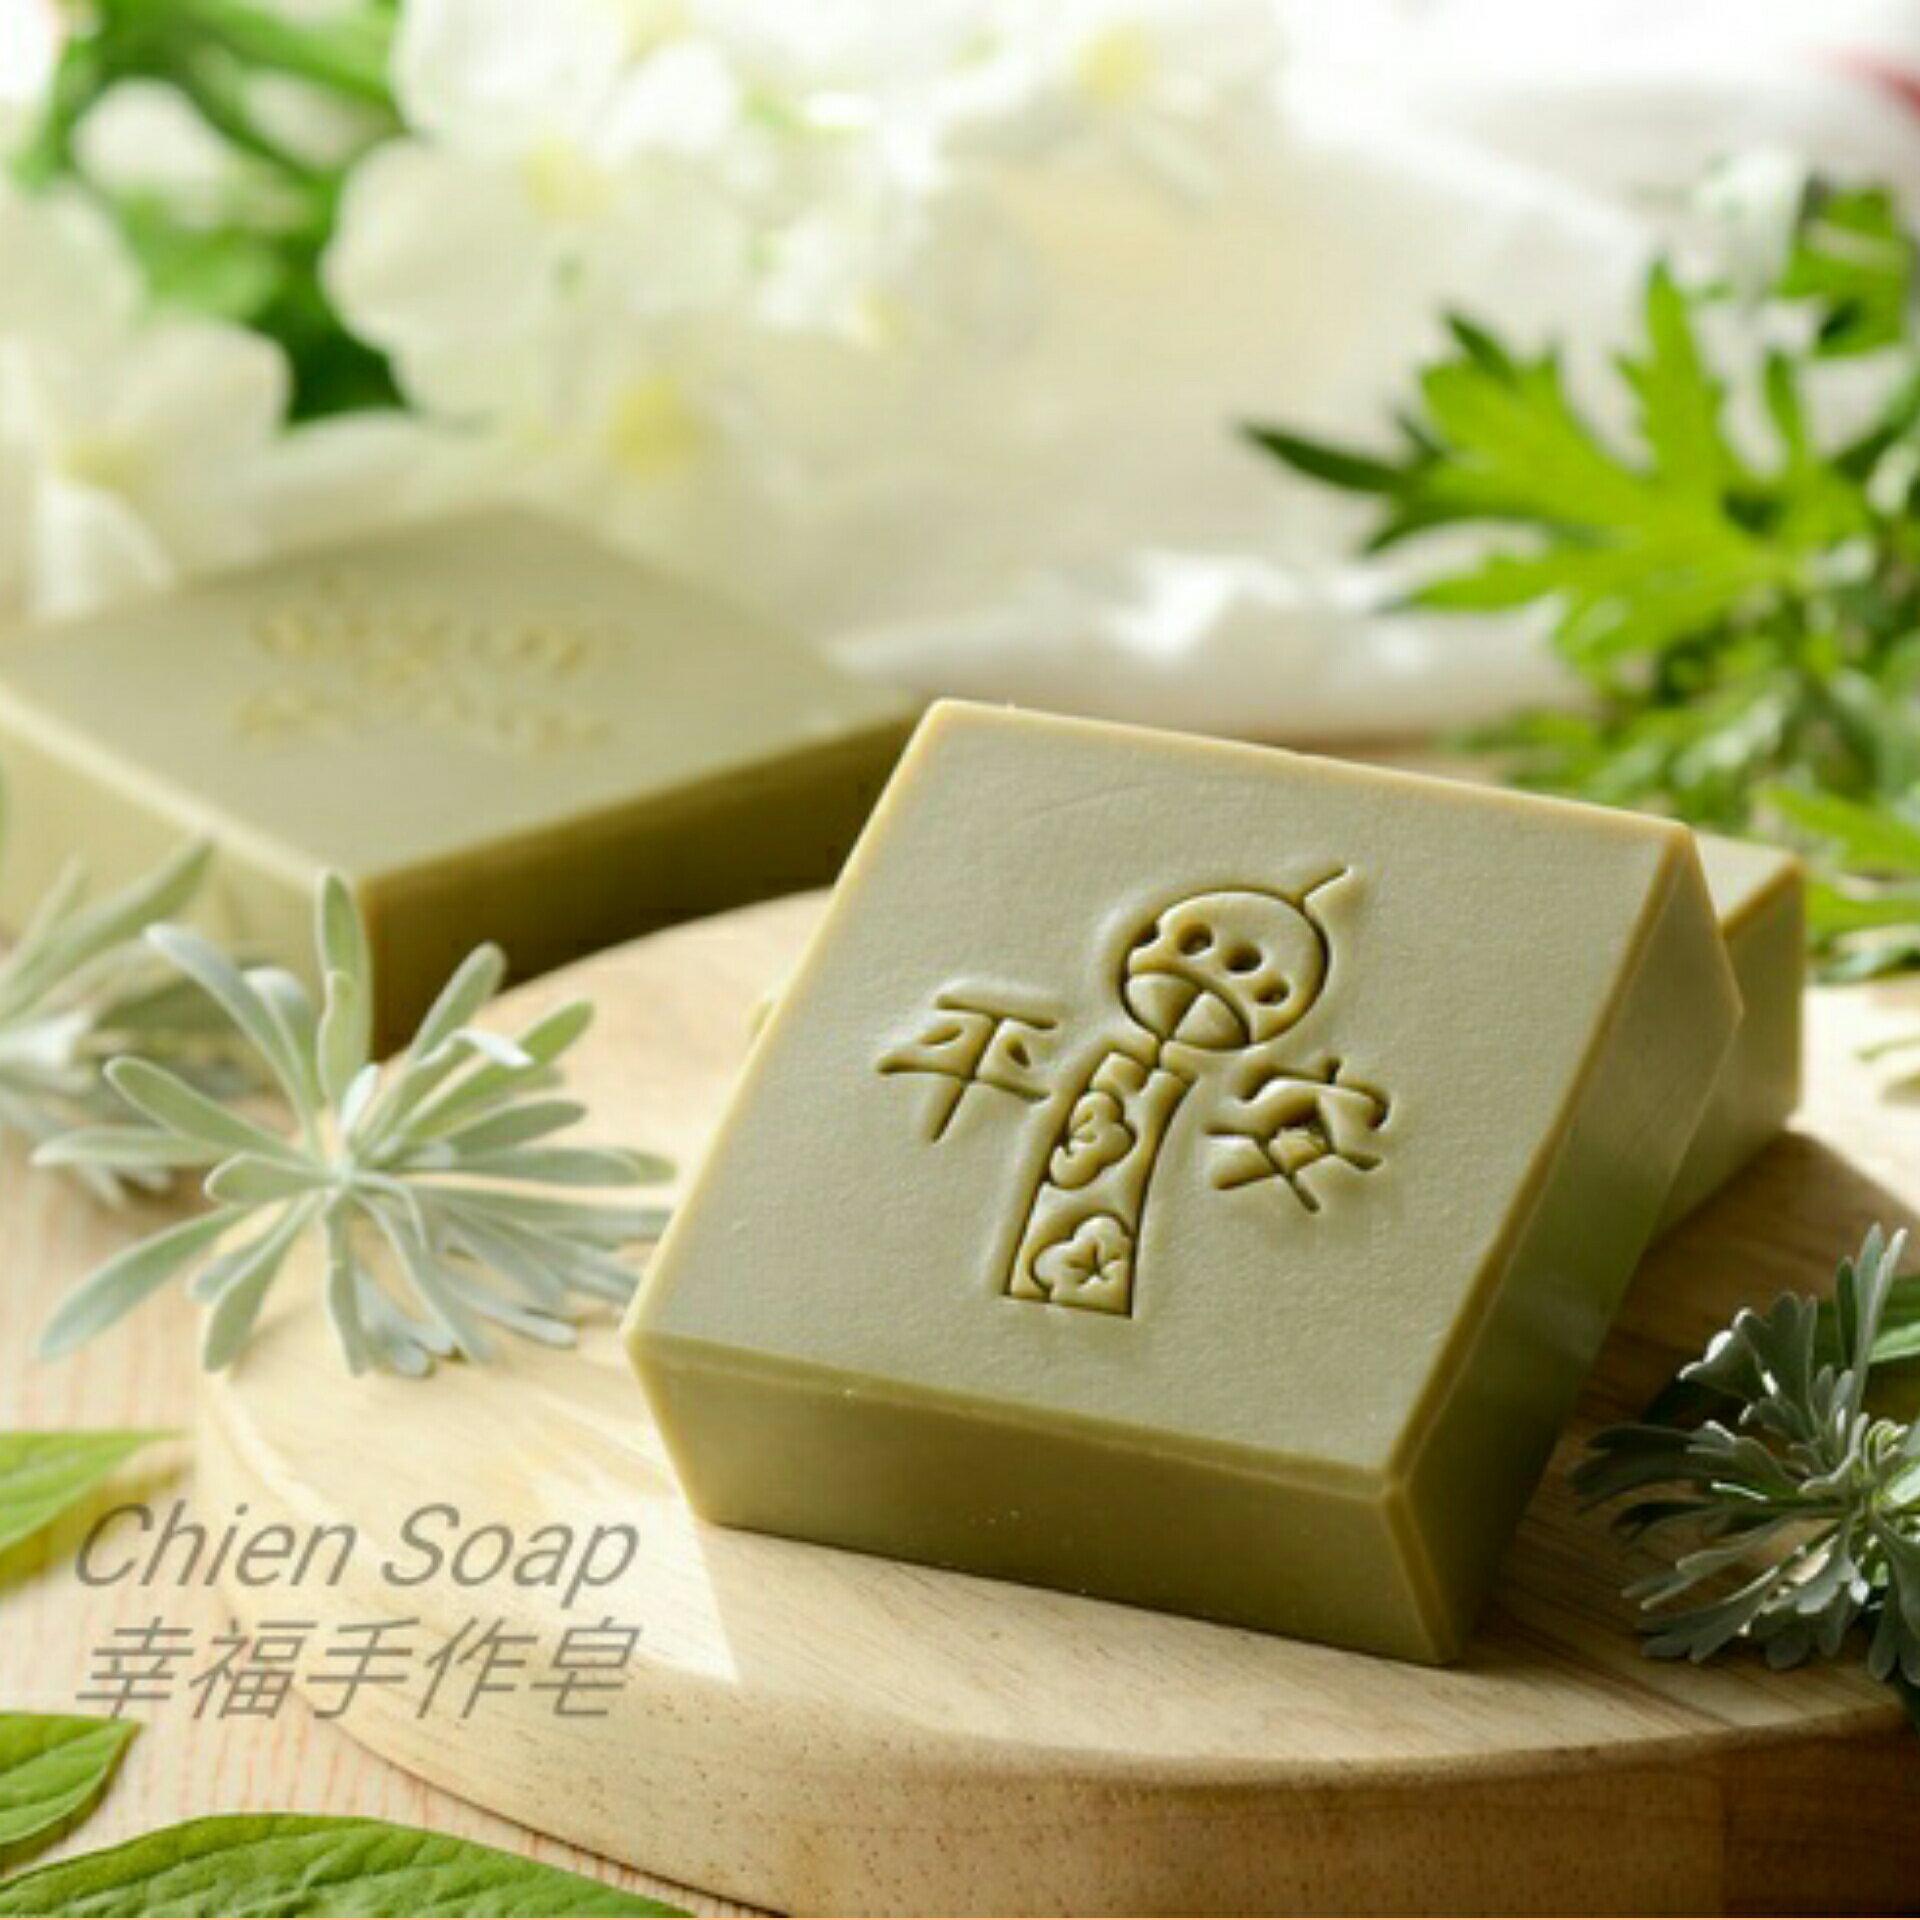 【CHIEN SOAP 幸福手作皂】寶寶祈福平安皂  天然手工皂